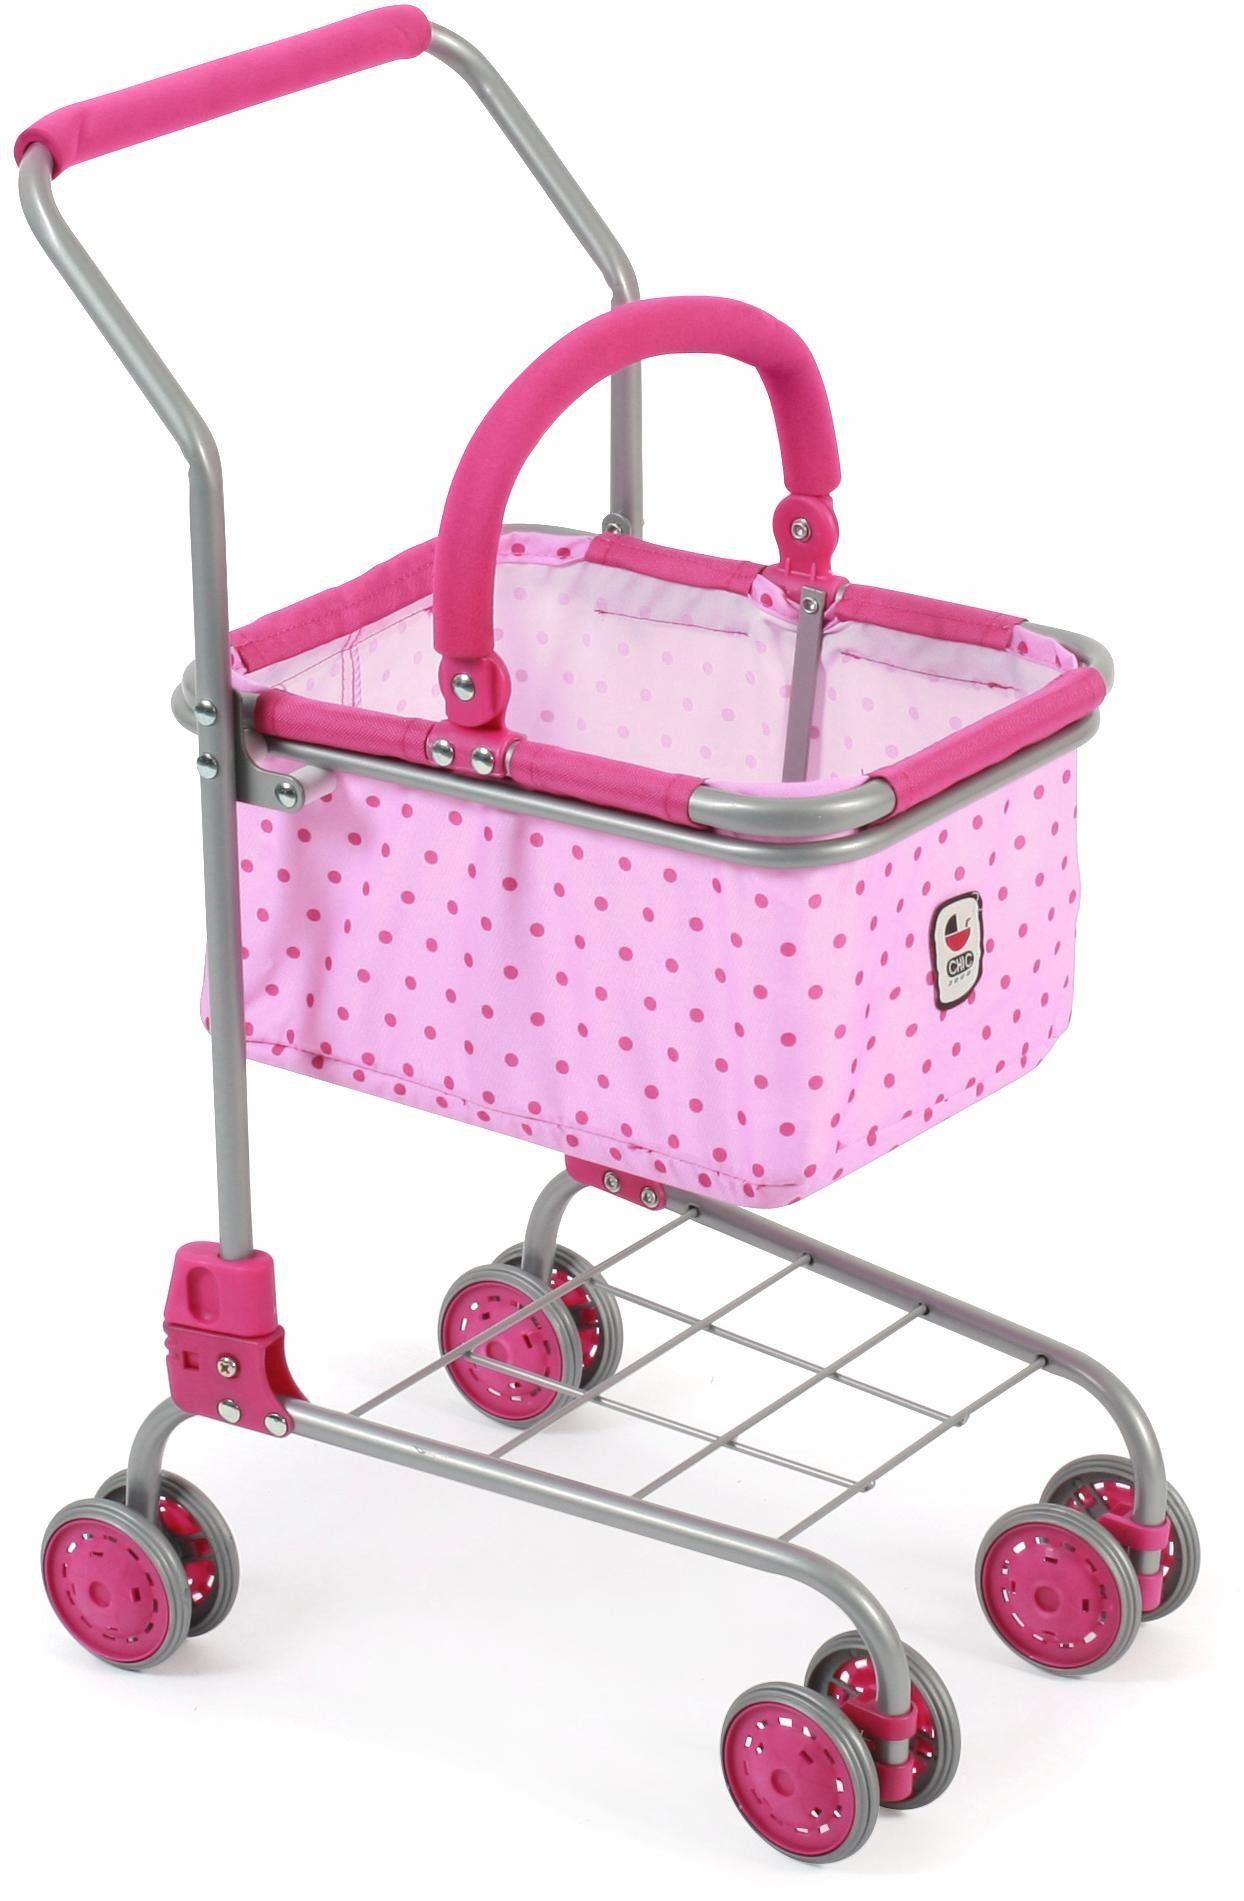 CHIC2000 Einkaufswagen mit herausnehmbarem Einkaufskorb, »pink«